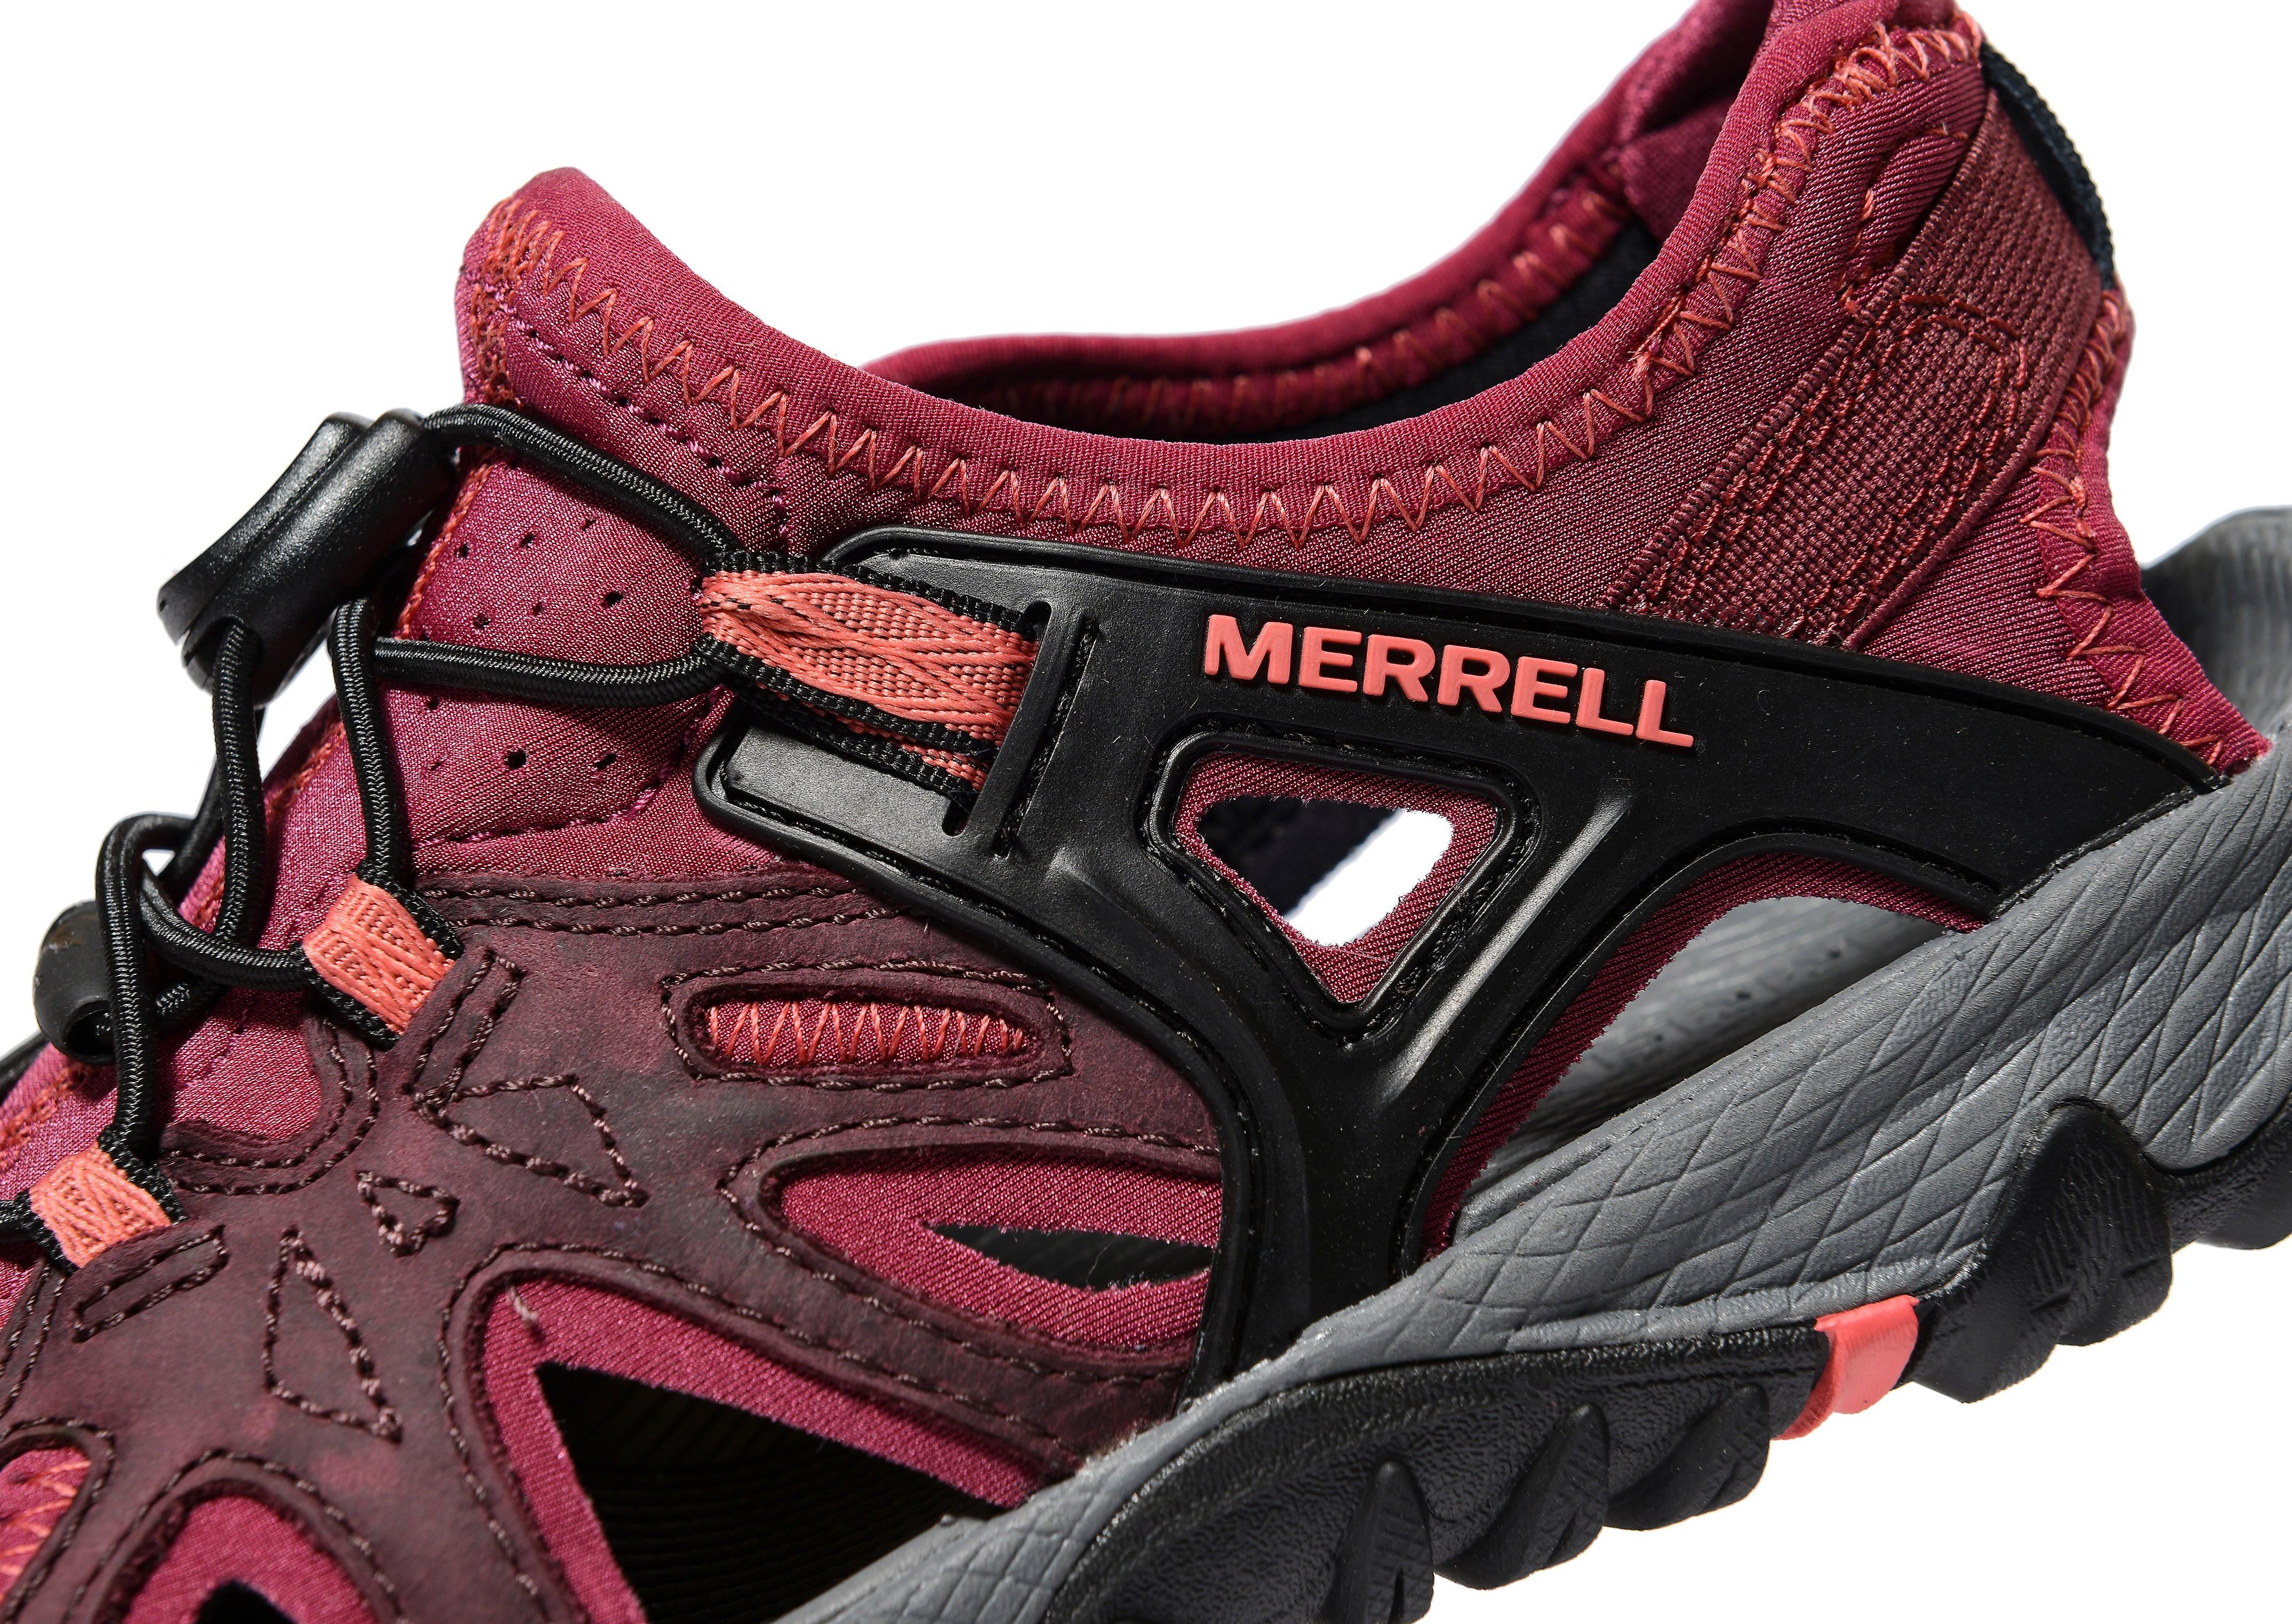 Merrell All Out Blaze Sieve Women's